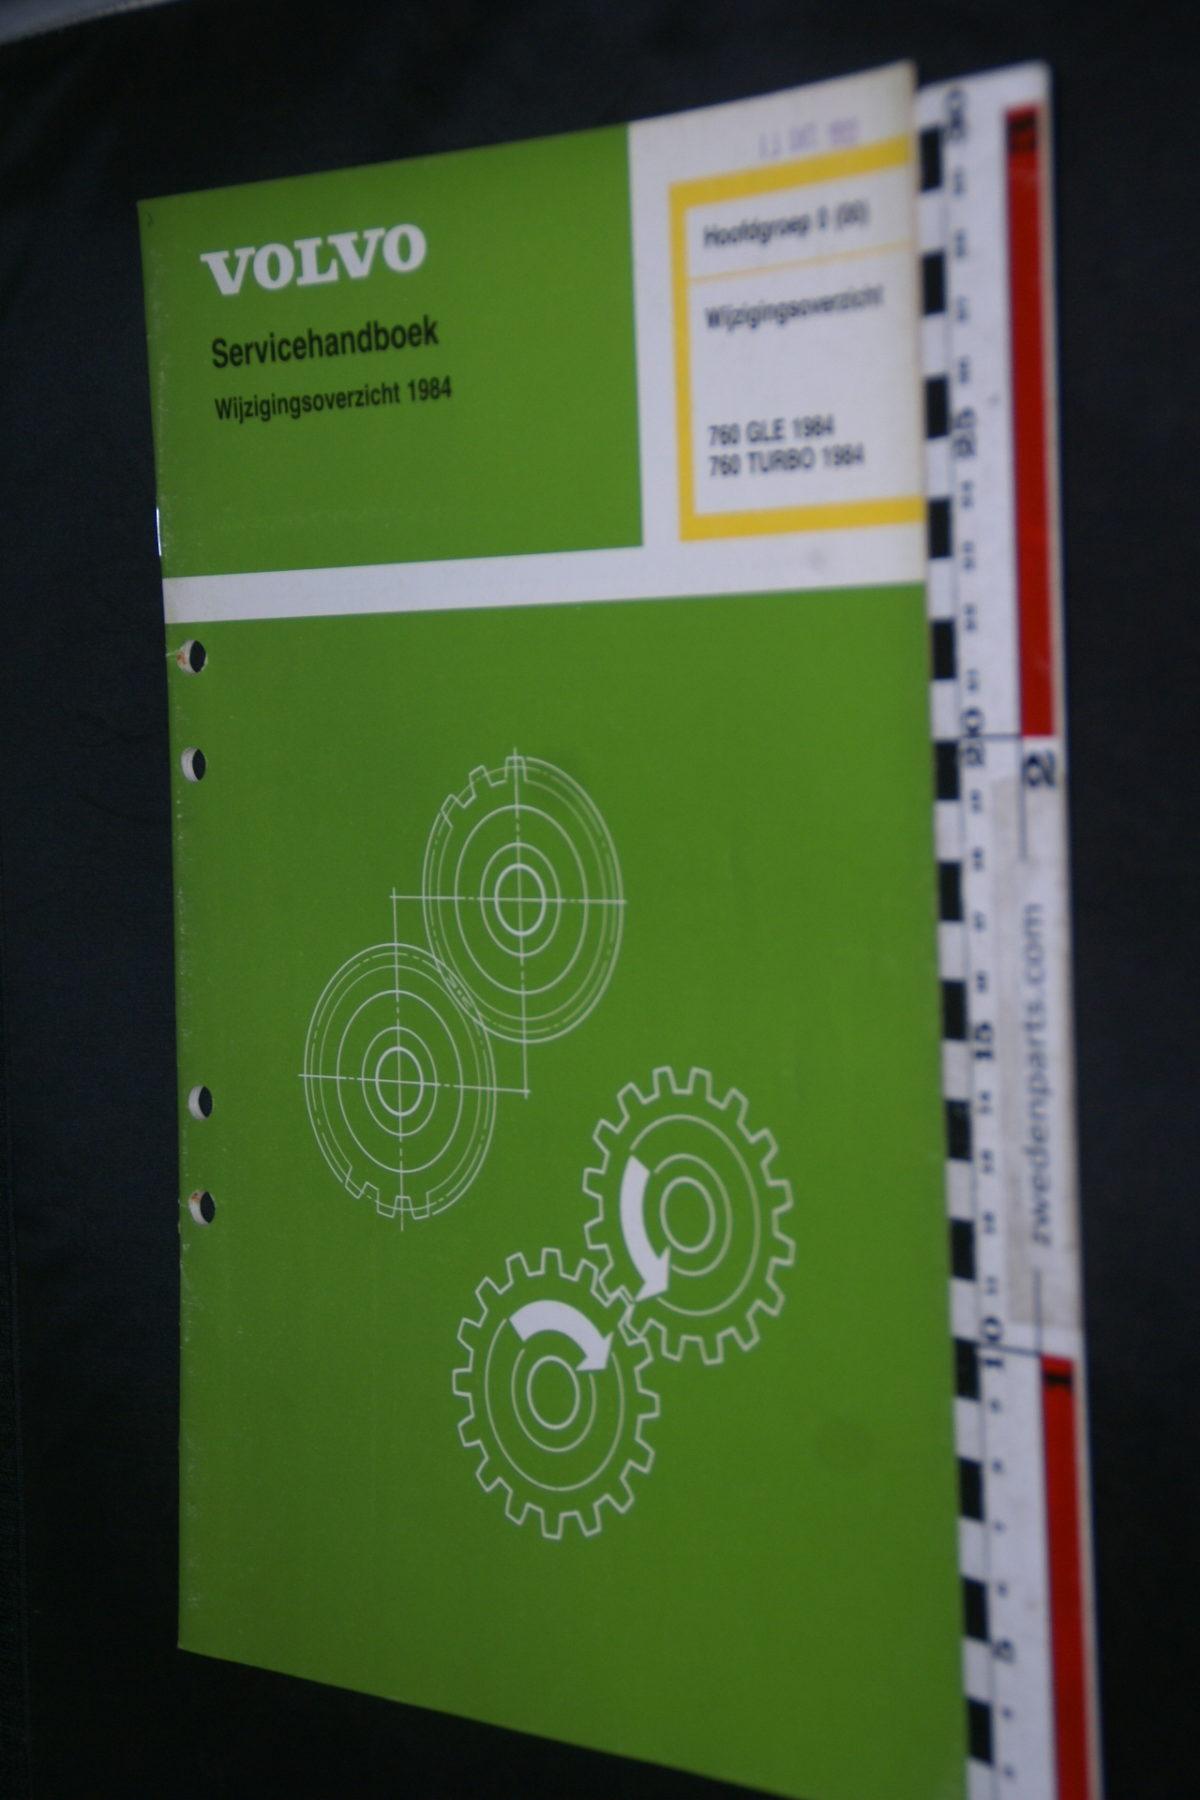 DSC08595 1983 origineel Volvo 760GLE  760TURBO servicehandboek  0 (00) wijzigingsoverzicht 1 van 1.200 TP 30622-1